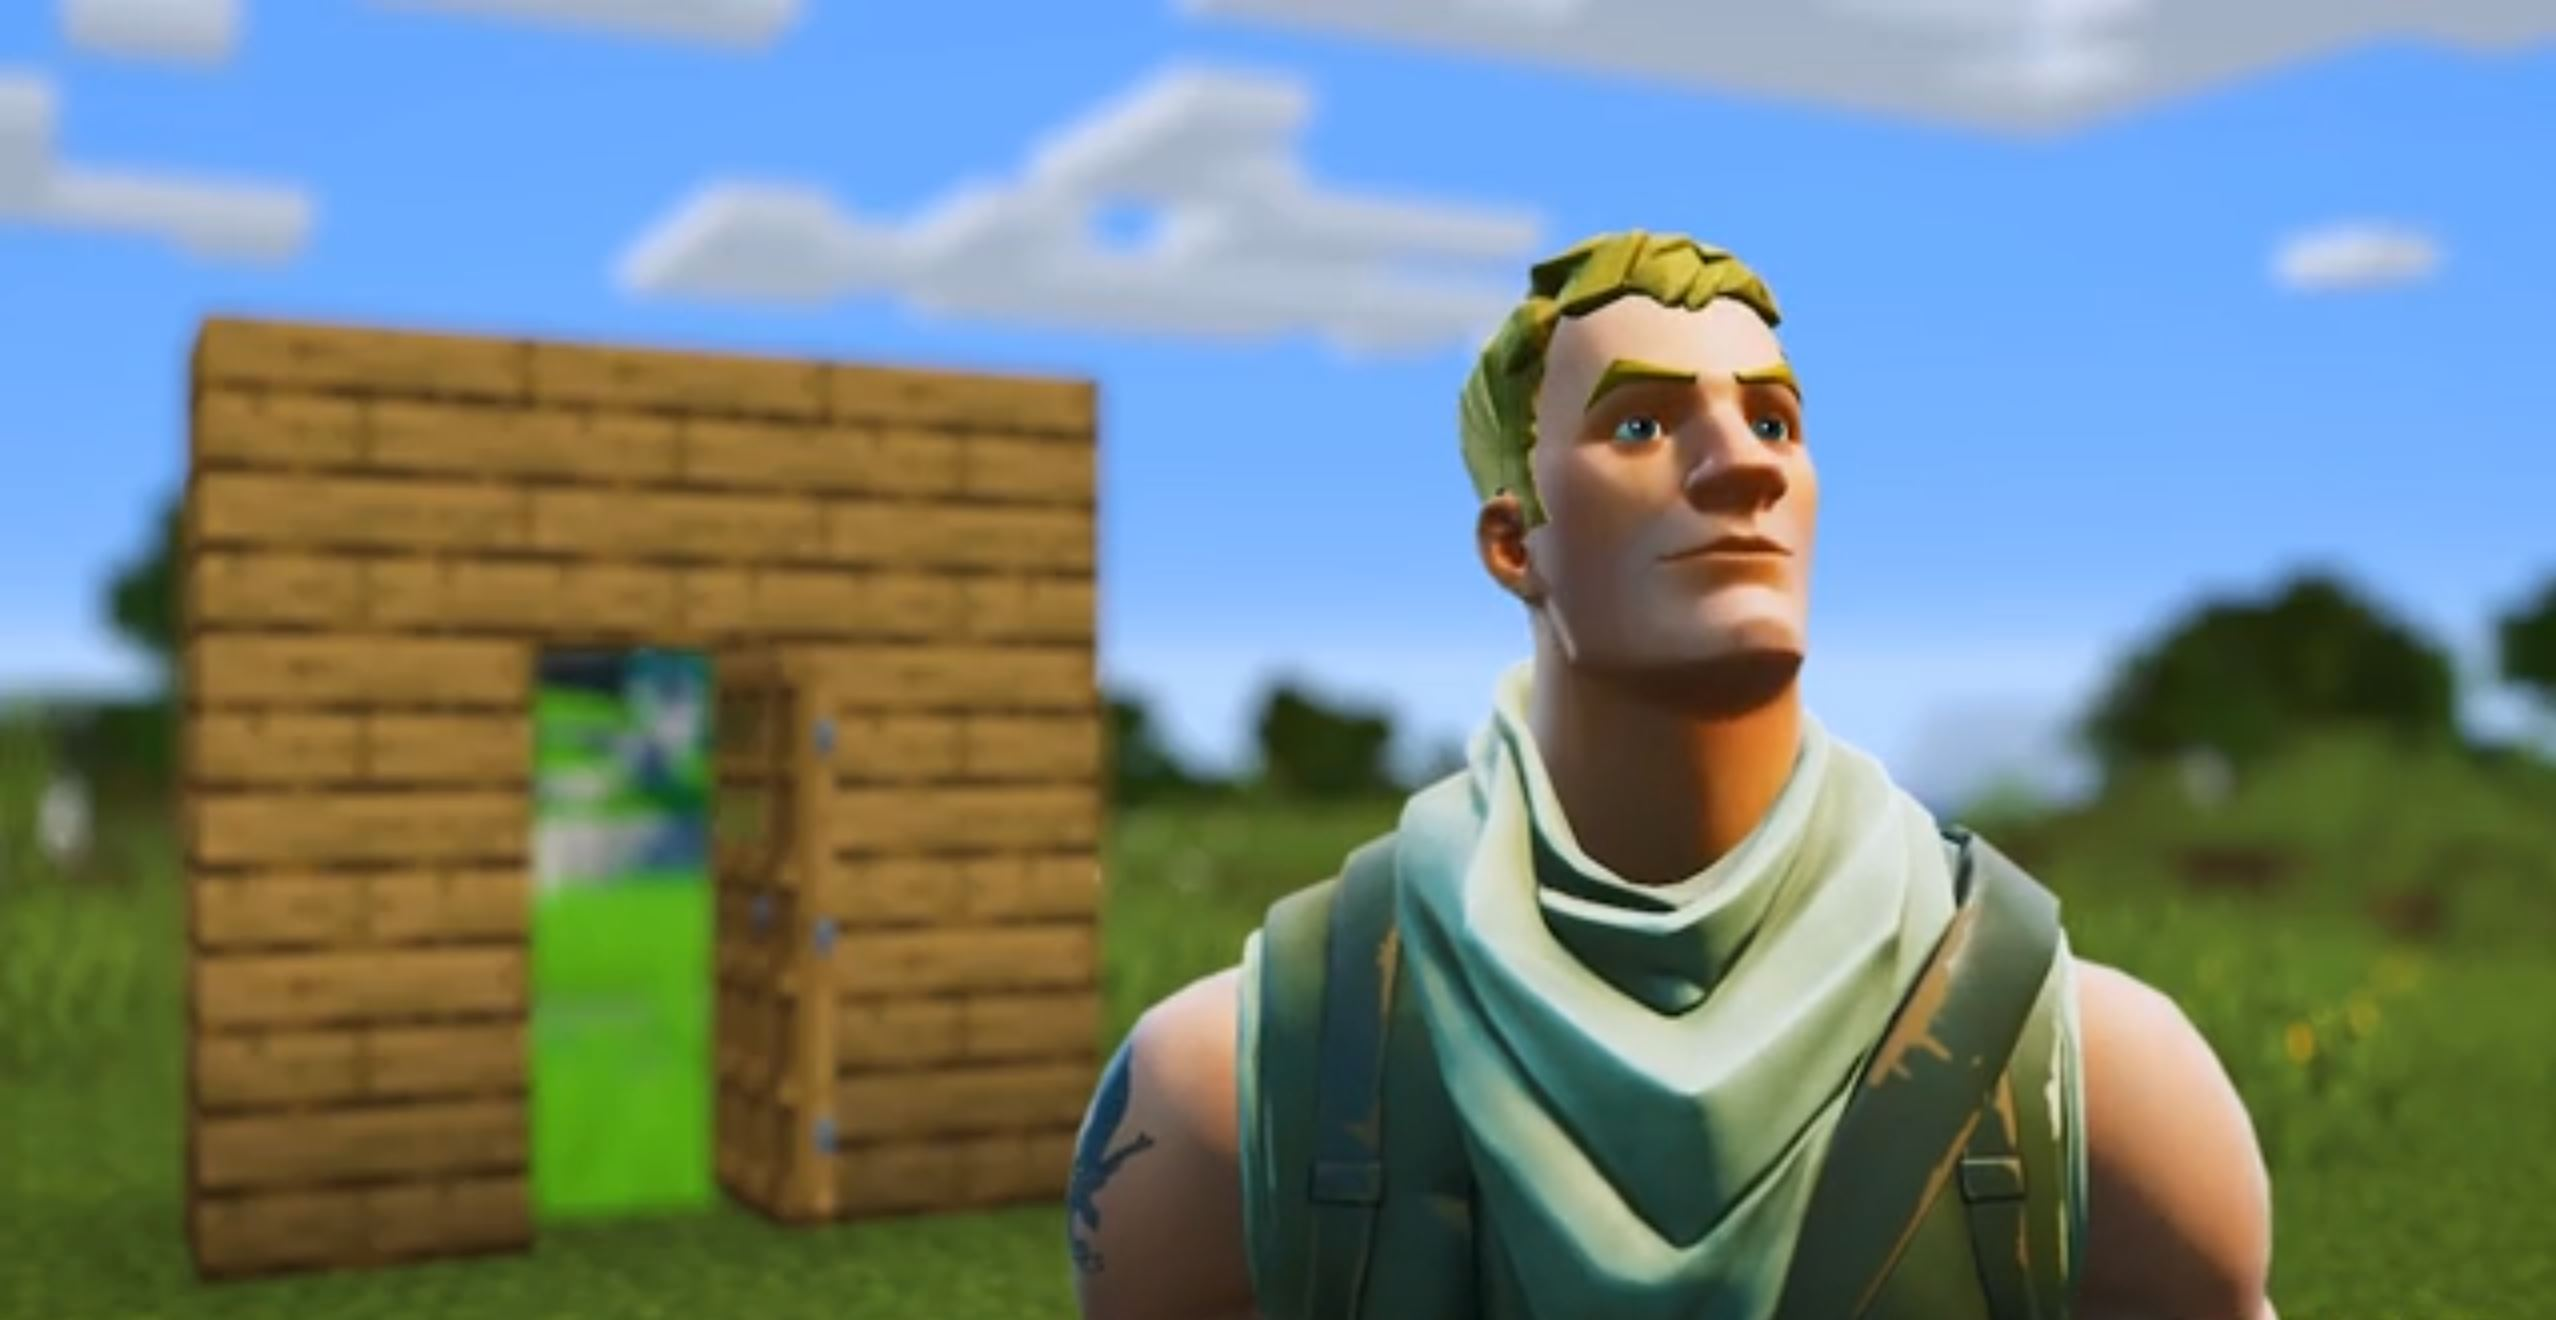 Während Fortnite gerade starke Verluste auf Twitch macht, gewinnt Minecraft